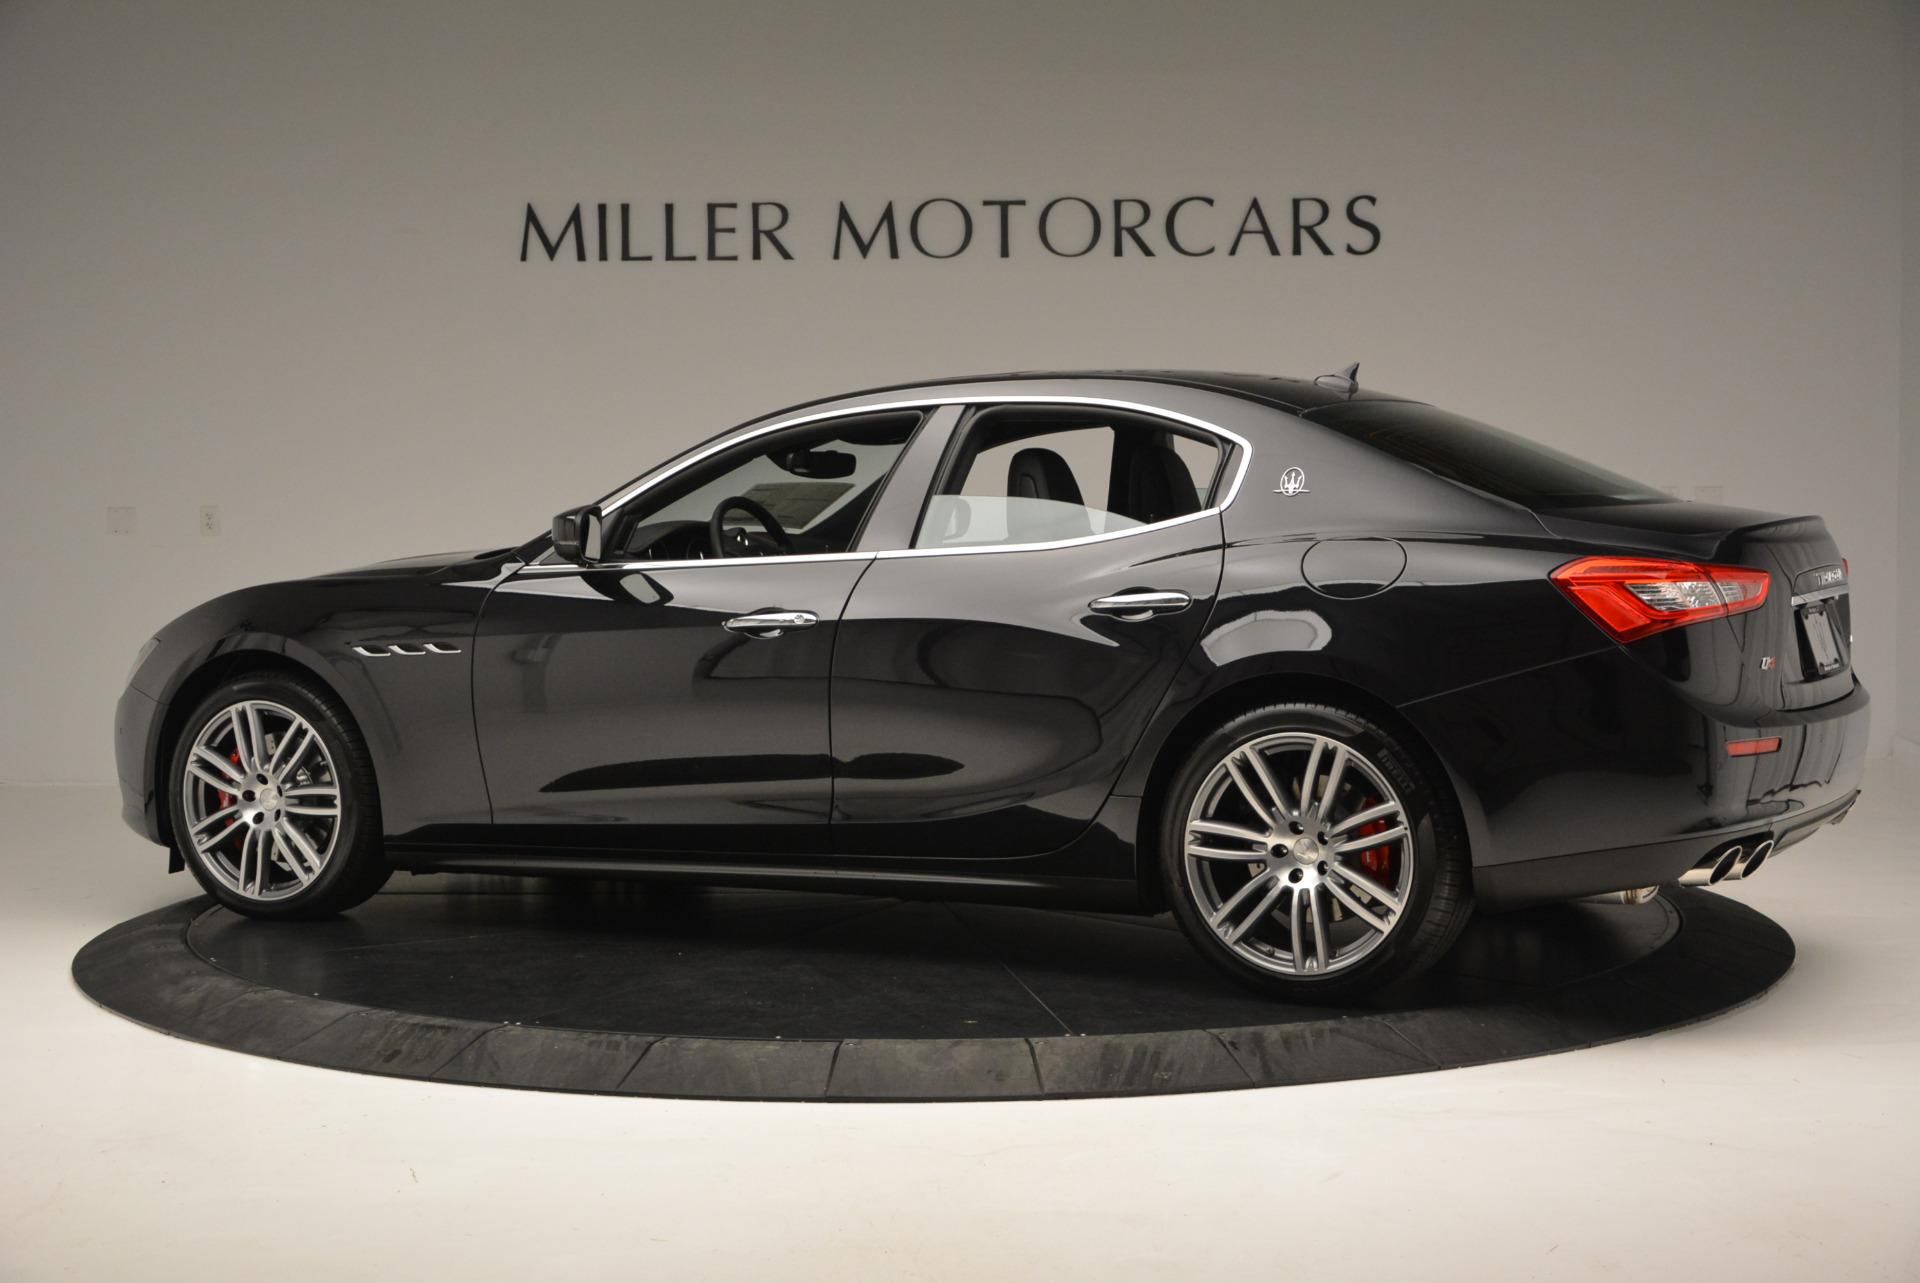 New 2017 Maserati Ghibli S Q4 For Sale In Greenwich, CT 630_p4